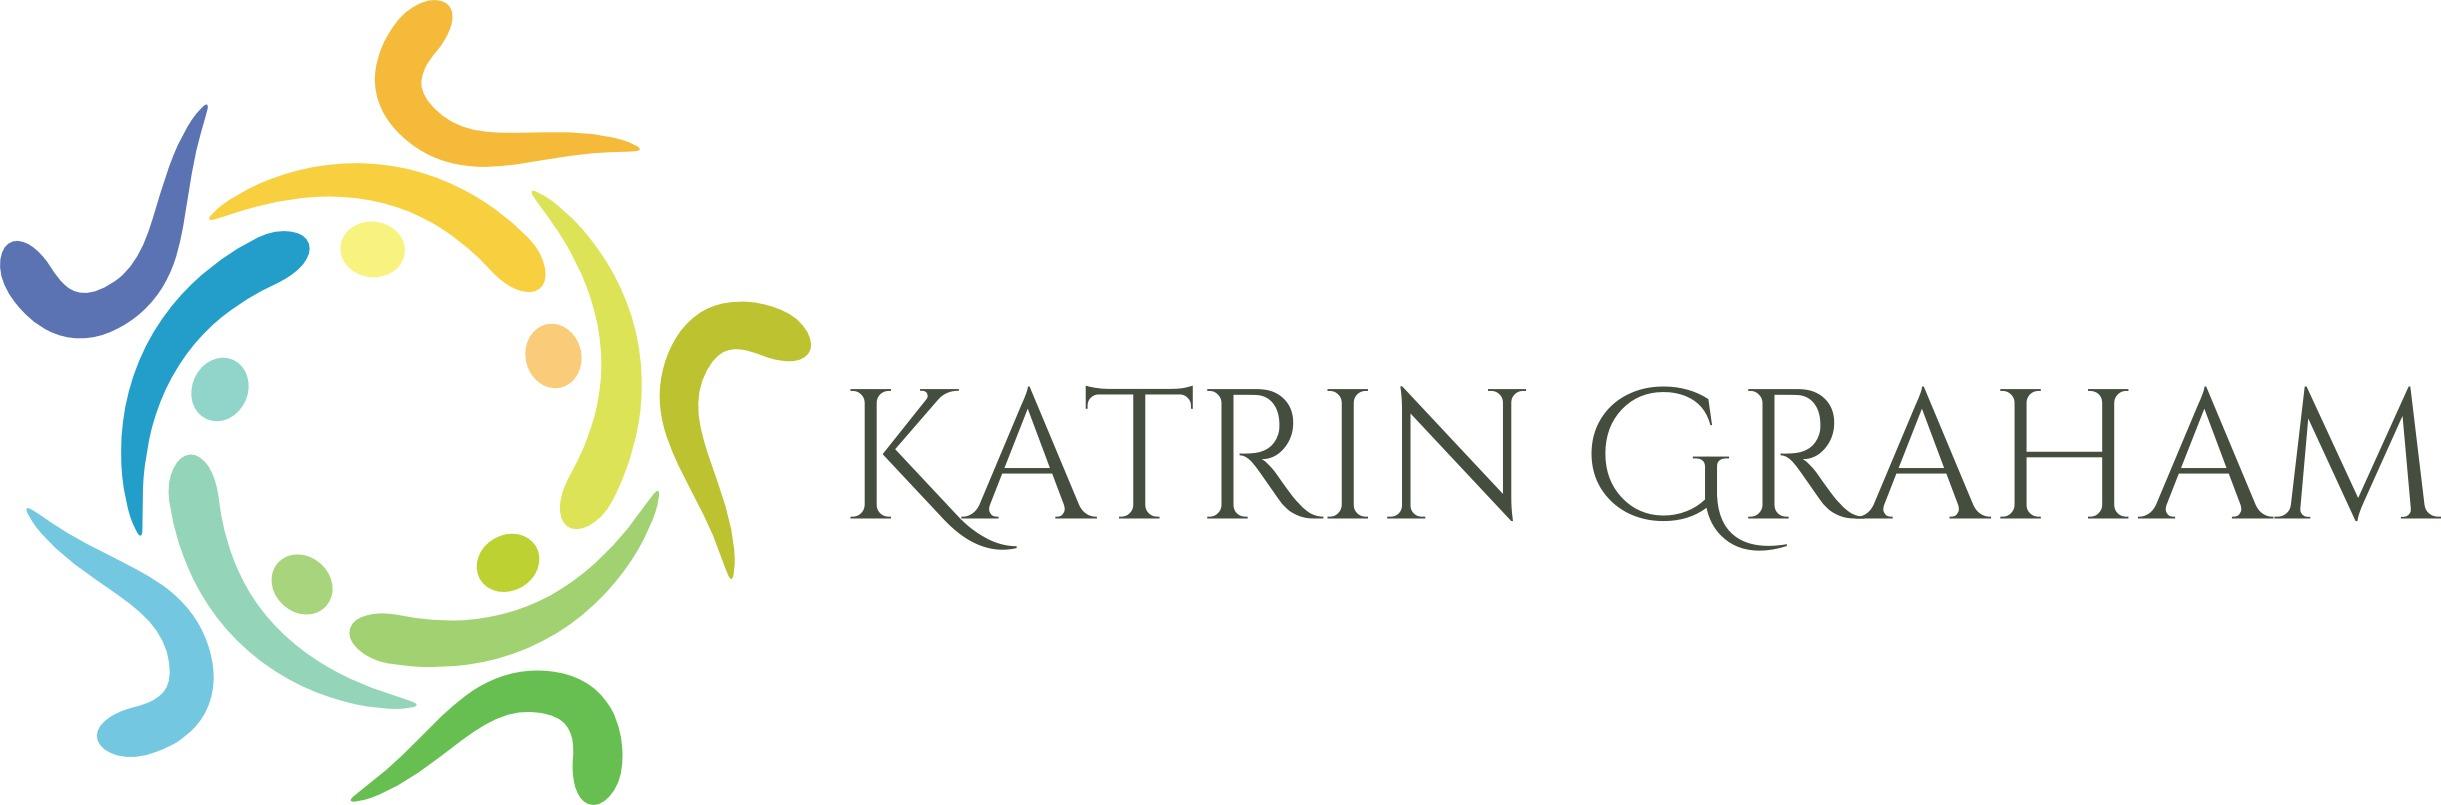 Katrin Graham in Witten bietet Supervision | Systemische Beratung & Therapie  | Coaching an.